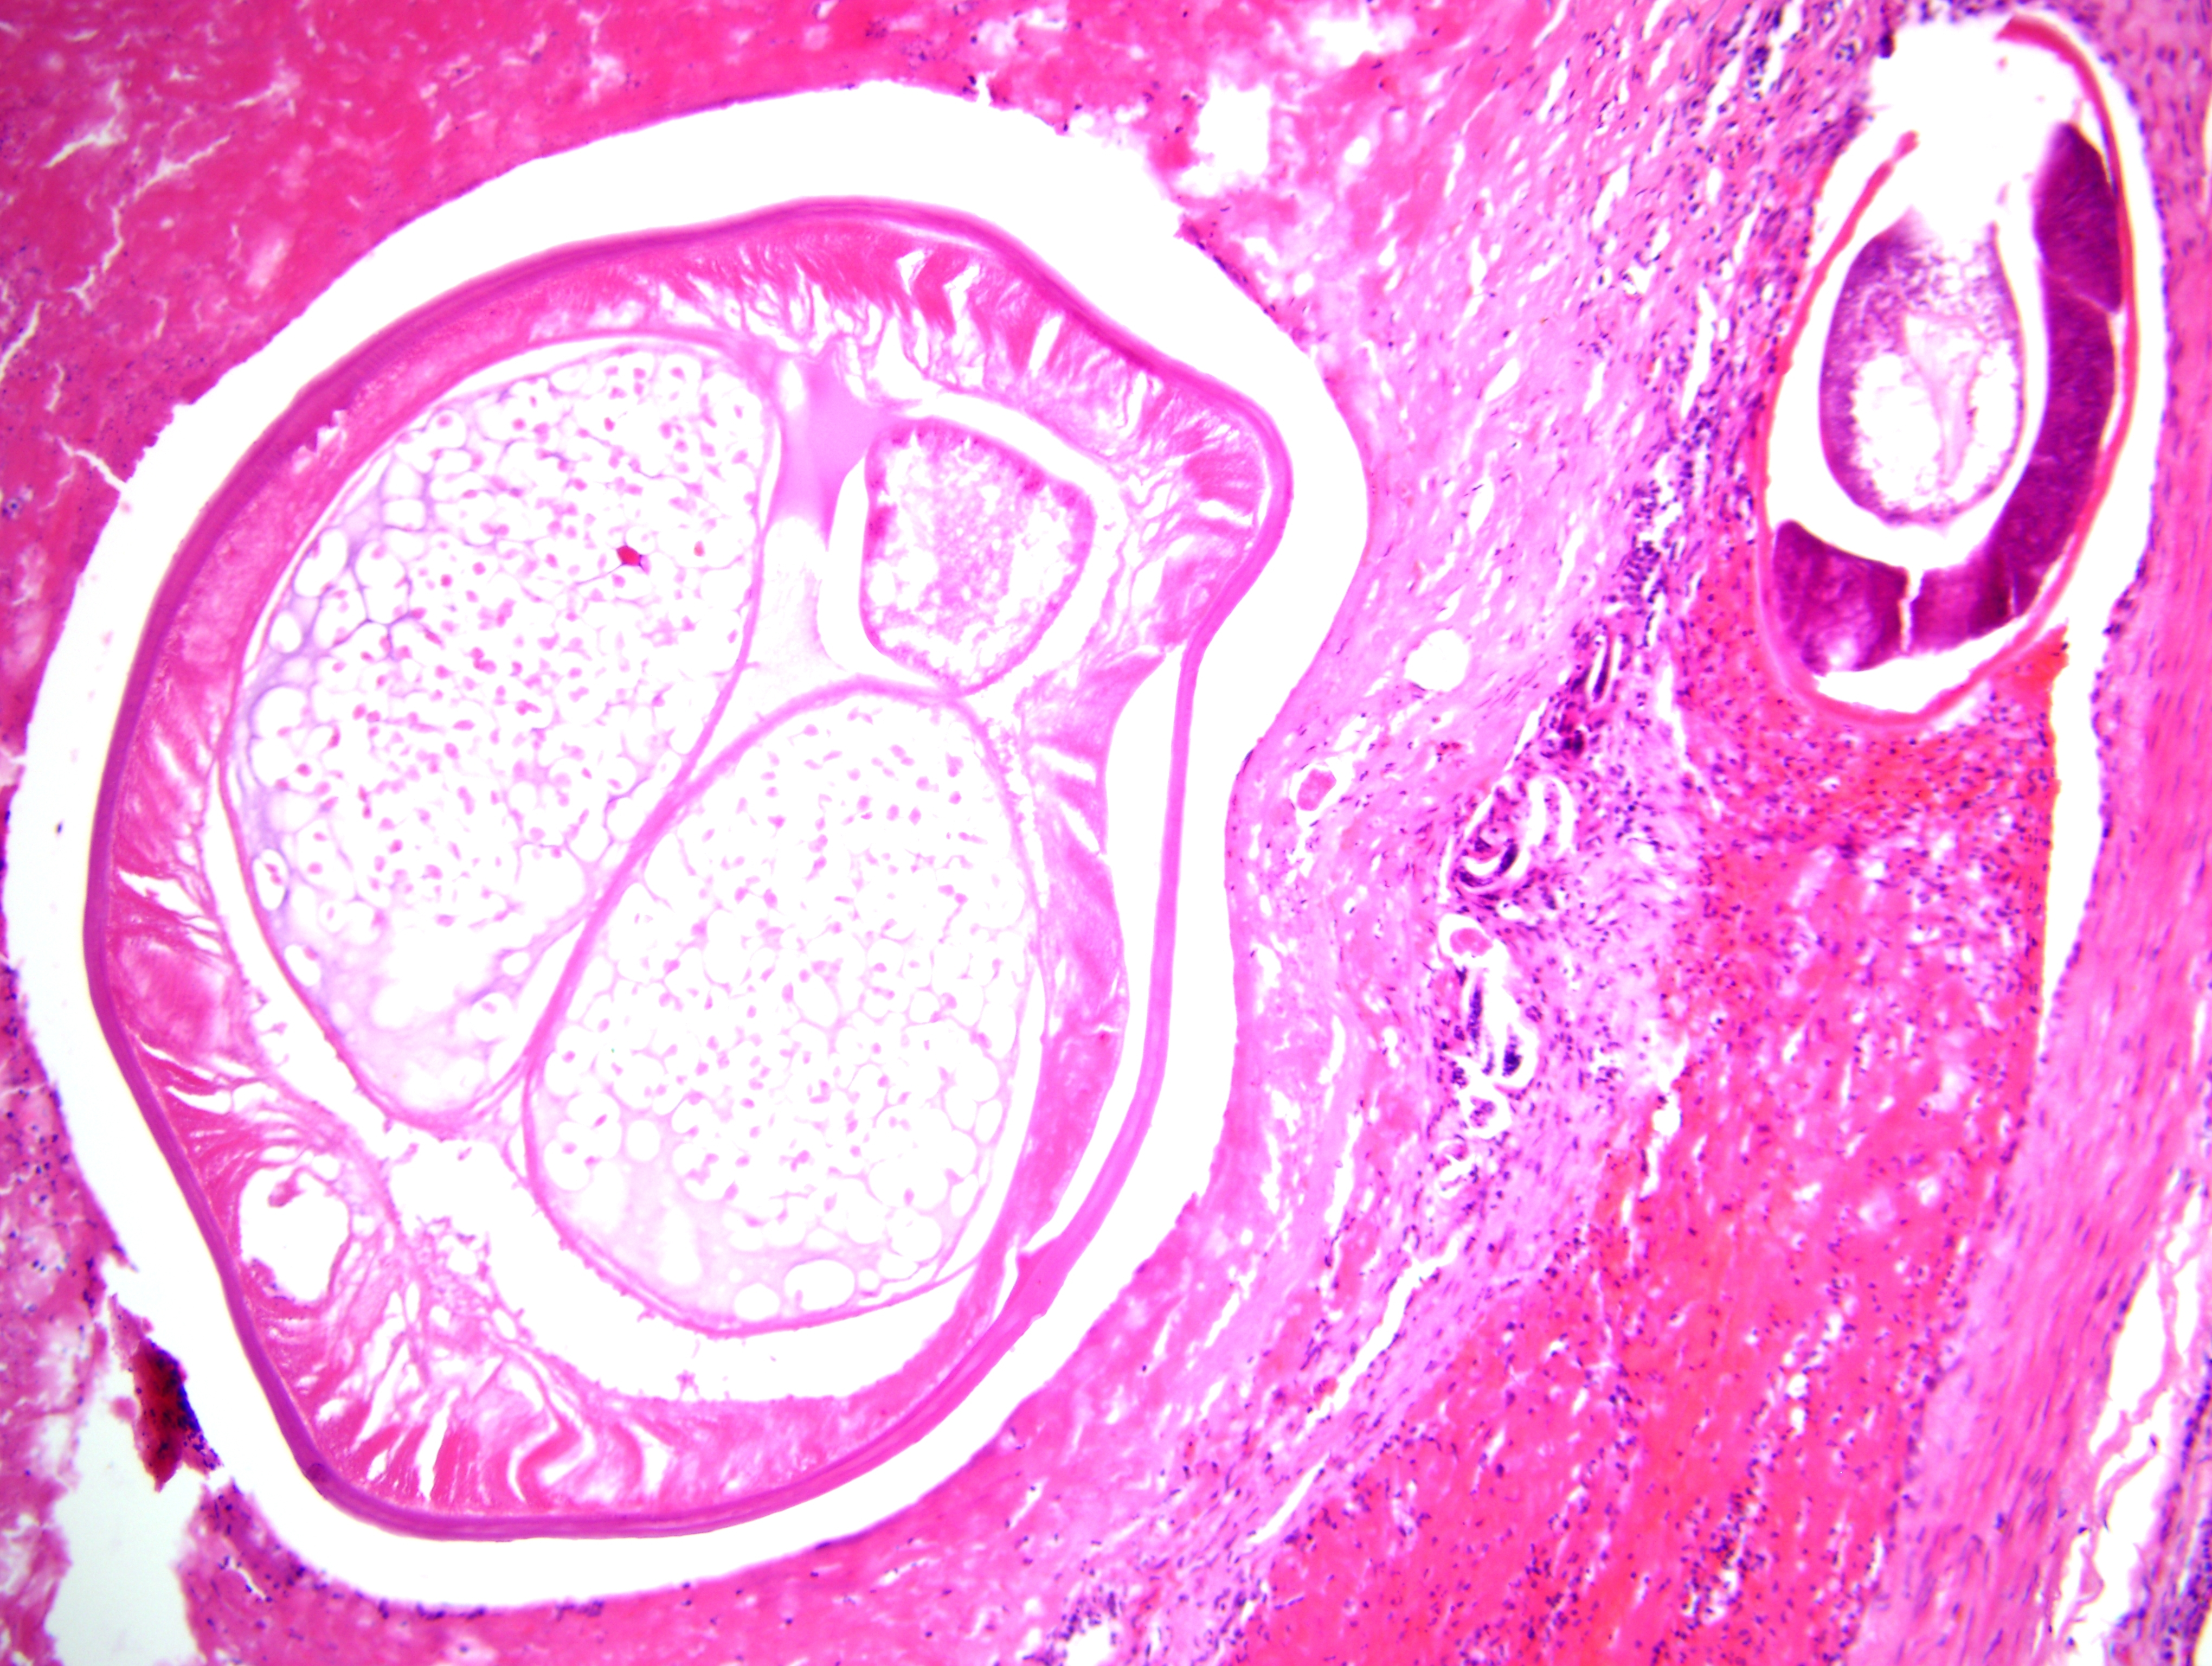 dirofilaria immitis egg - photo #16